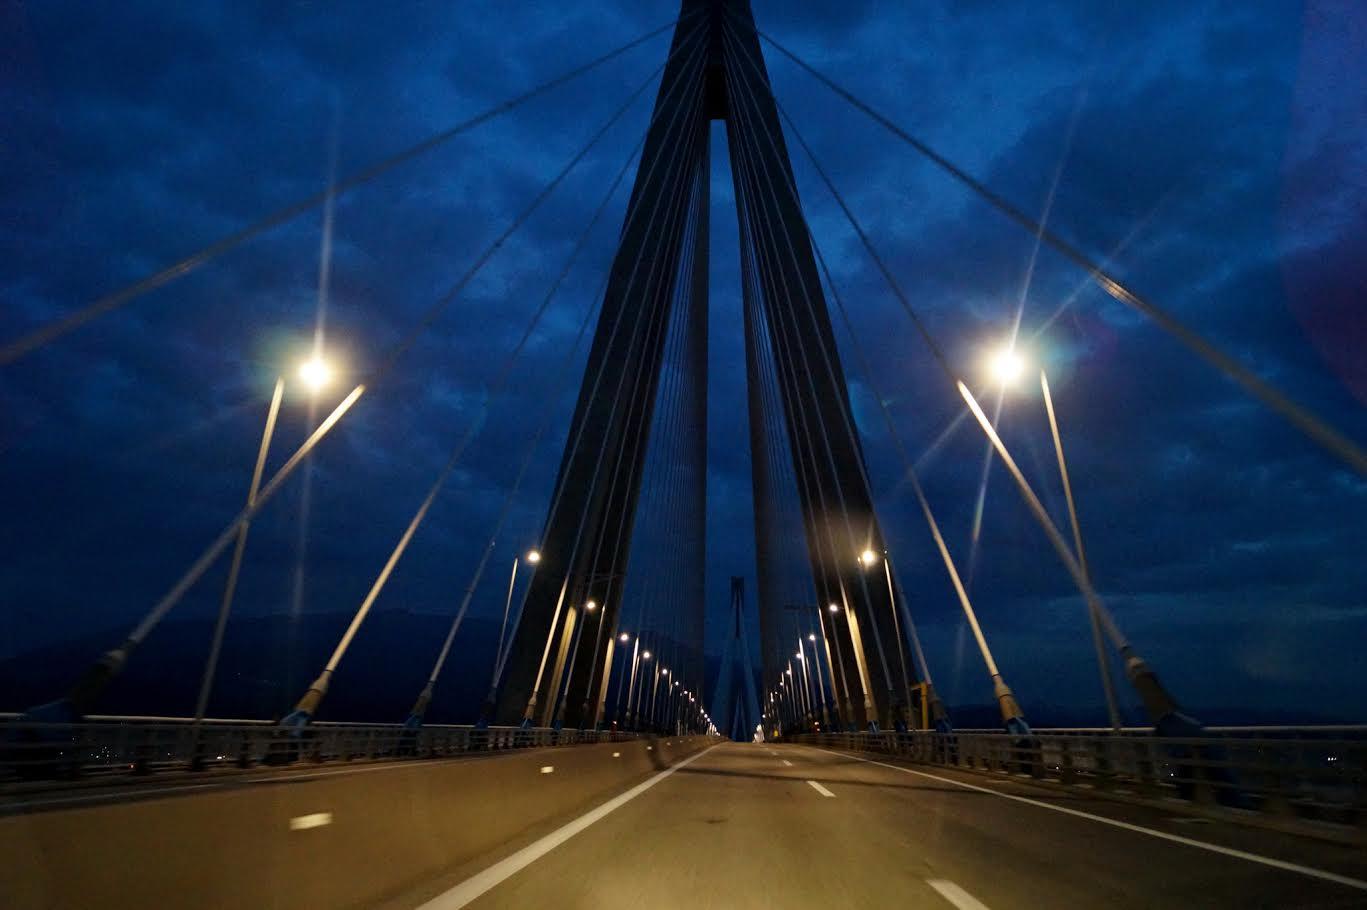 Γιατί δεν θα έχει διακοσμητικό φωτισμό η Γέφυρα το Σαββατόβραδο